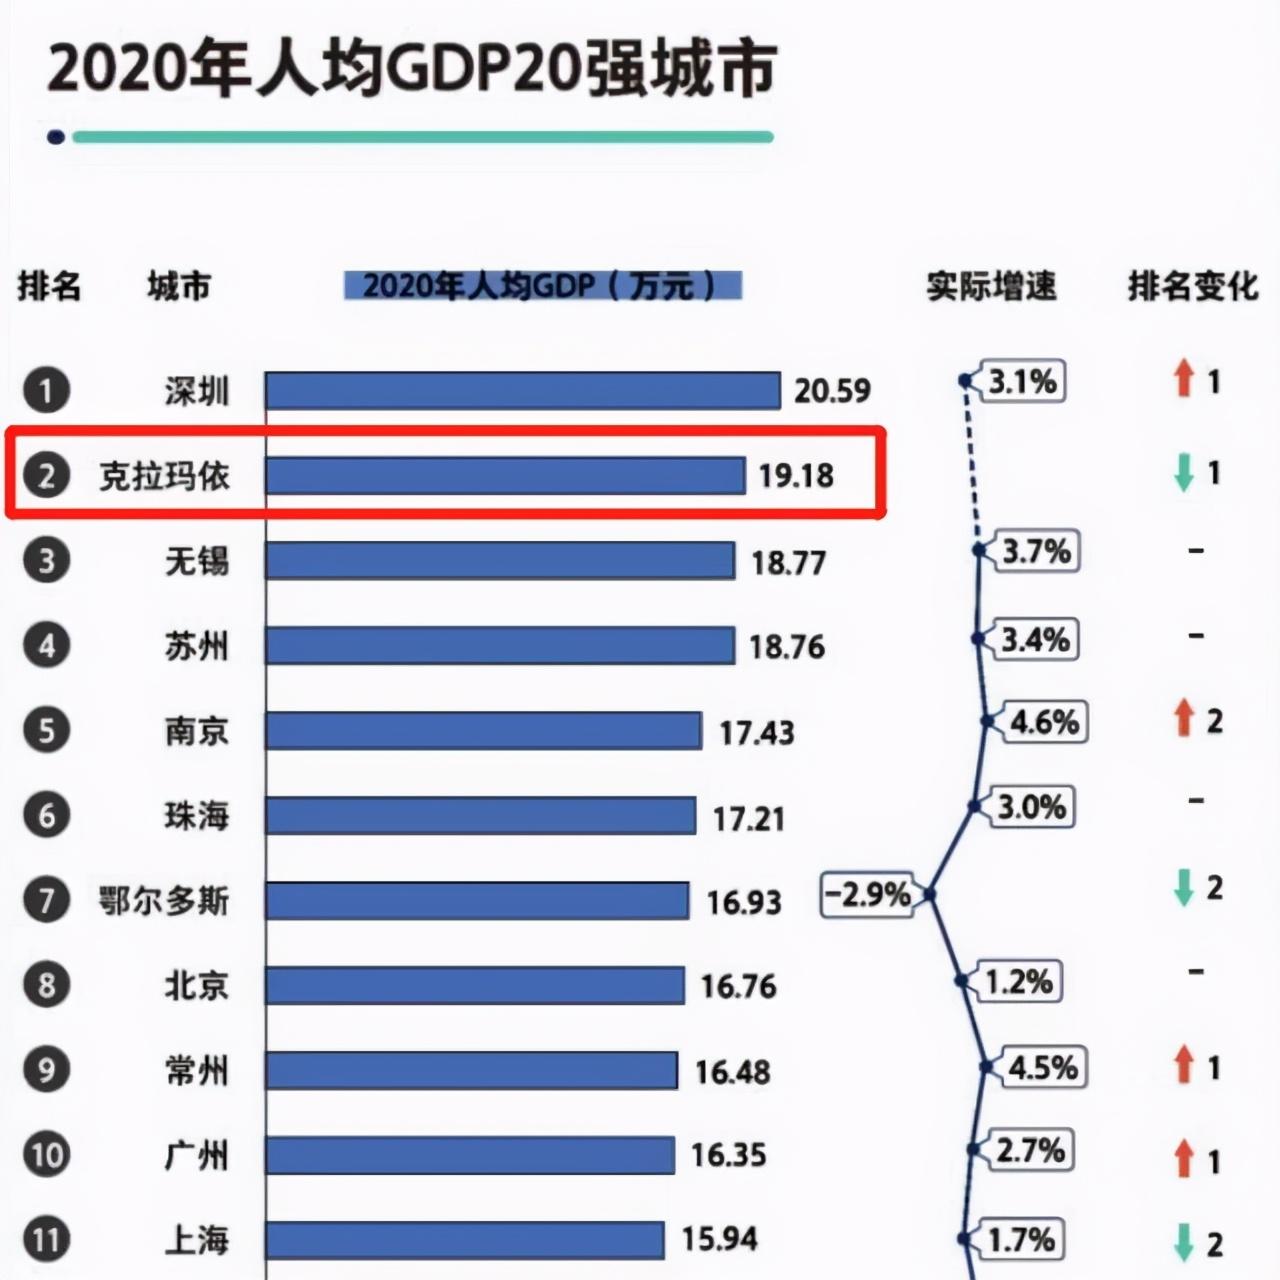 城市人均gdp排名_2019年青海省地市州人均GDP排名海西州超12万元居全省第一